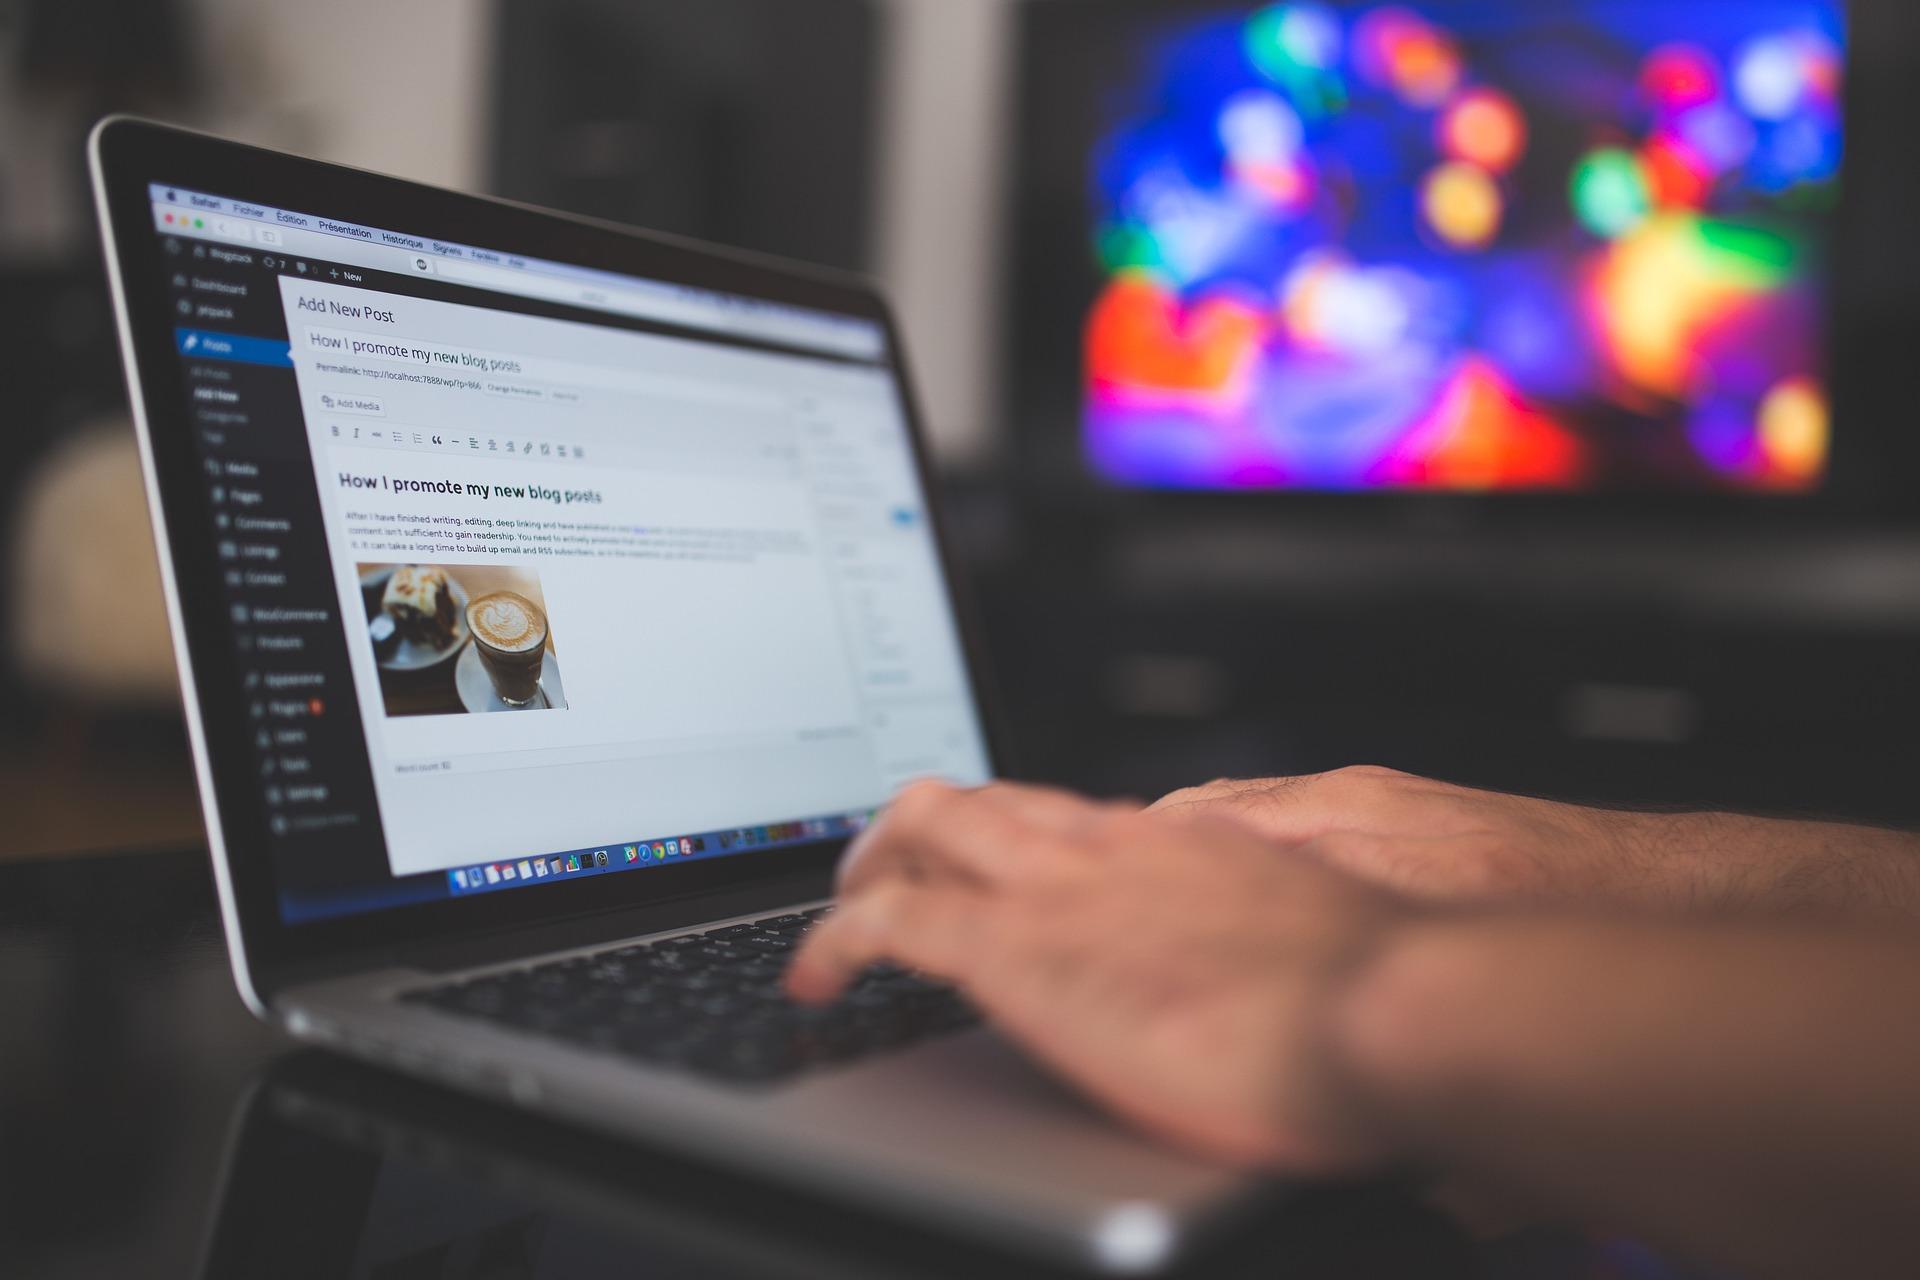 Computers & Gadgets